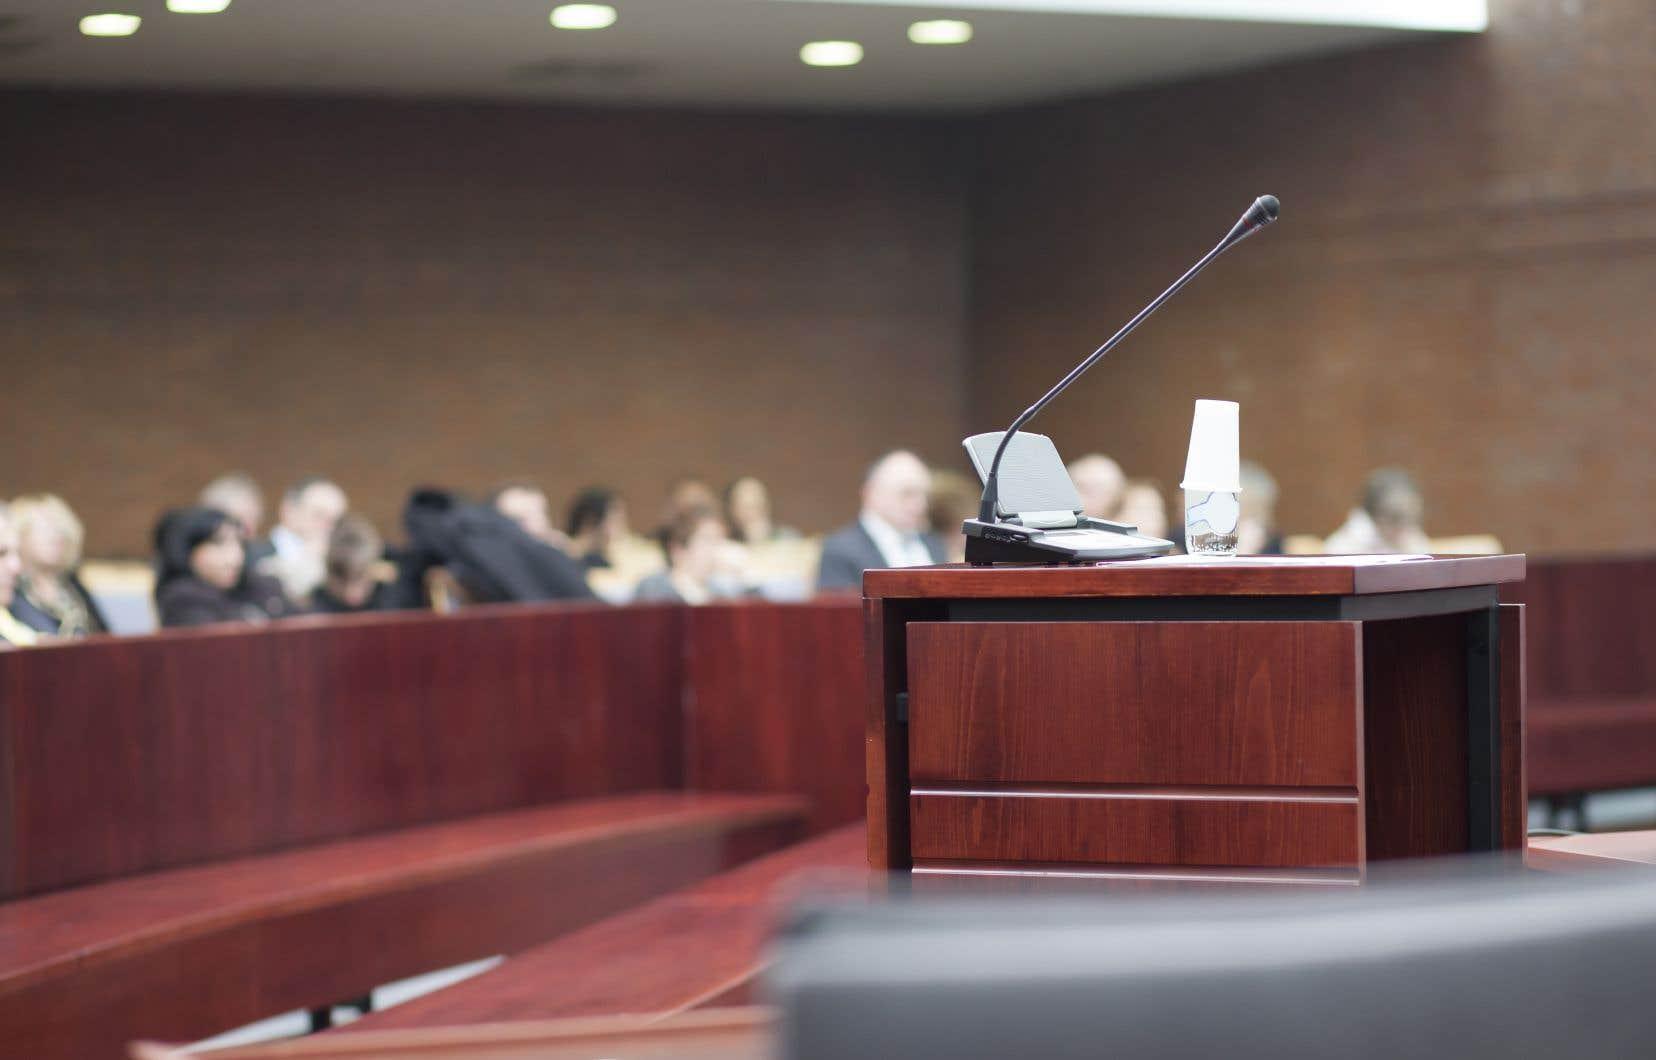 «Il existe un fort consensus autour de l'urgence d'instaurer un tribunal spécialisé et de mieux former l'ensemble des acteurs aux réalités des victimes. Les juges ne devraient pas y faire exception», soutiennent les signataires.